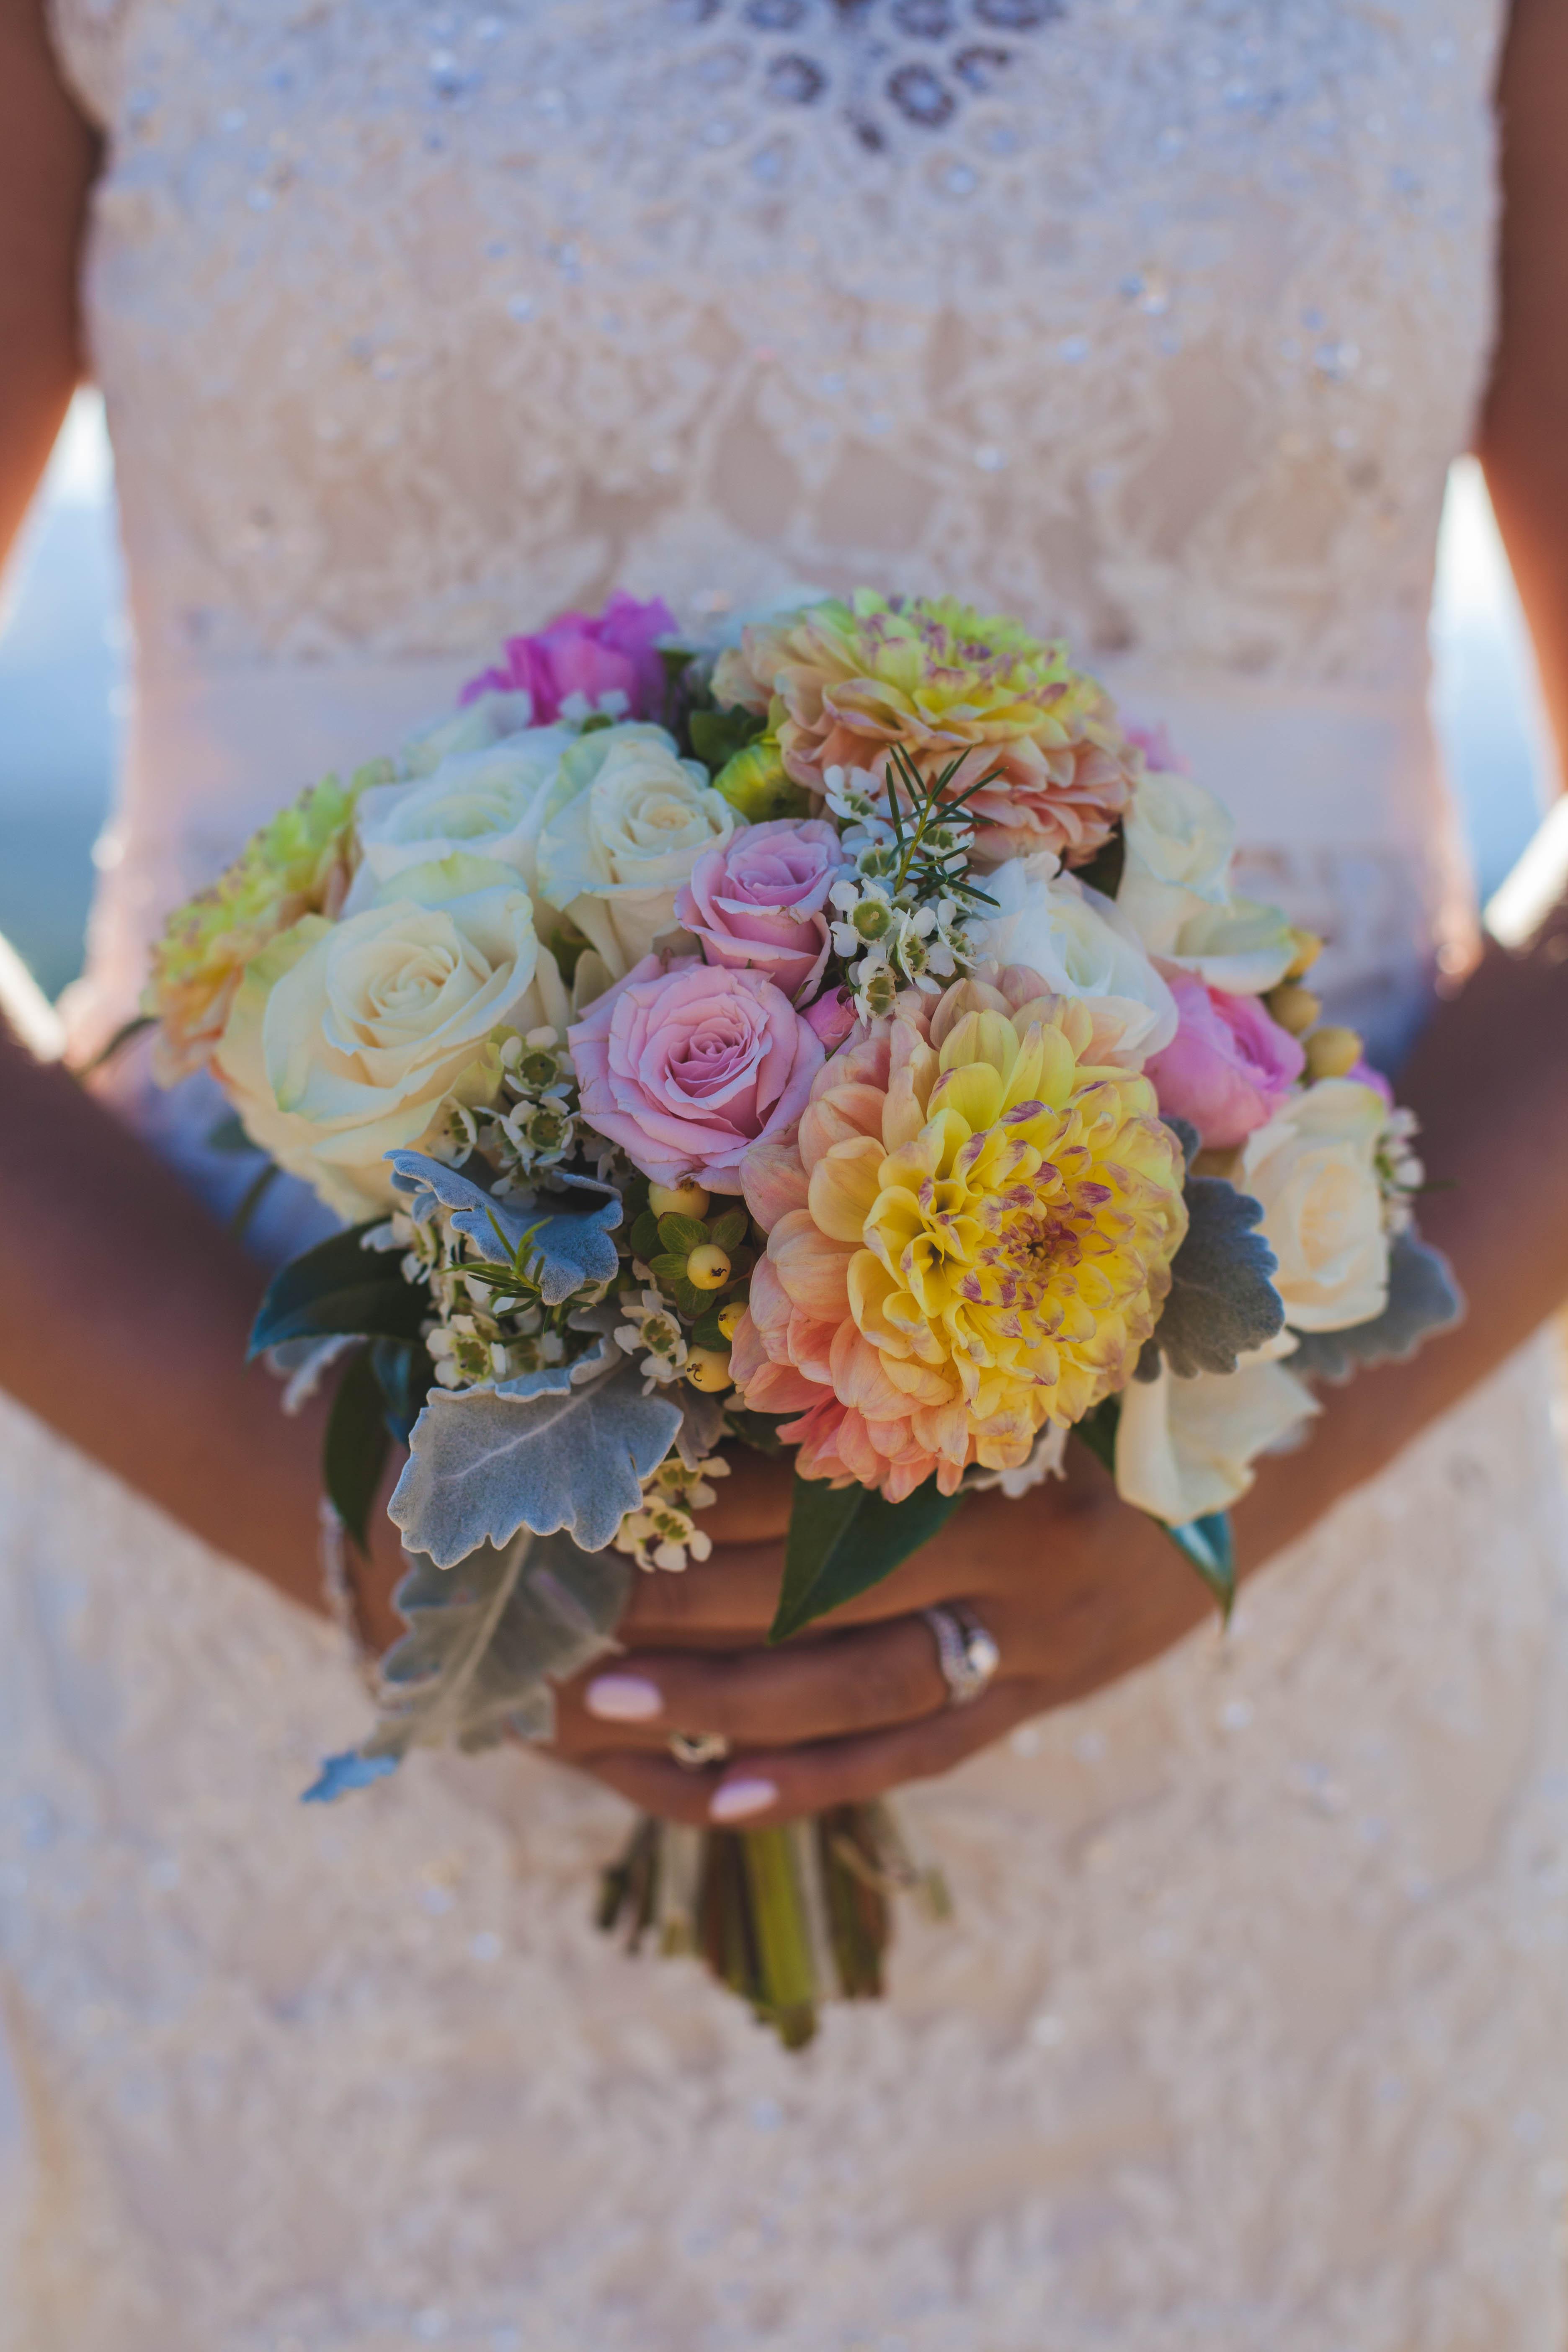 liz nuss bouquet